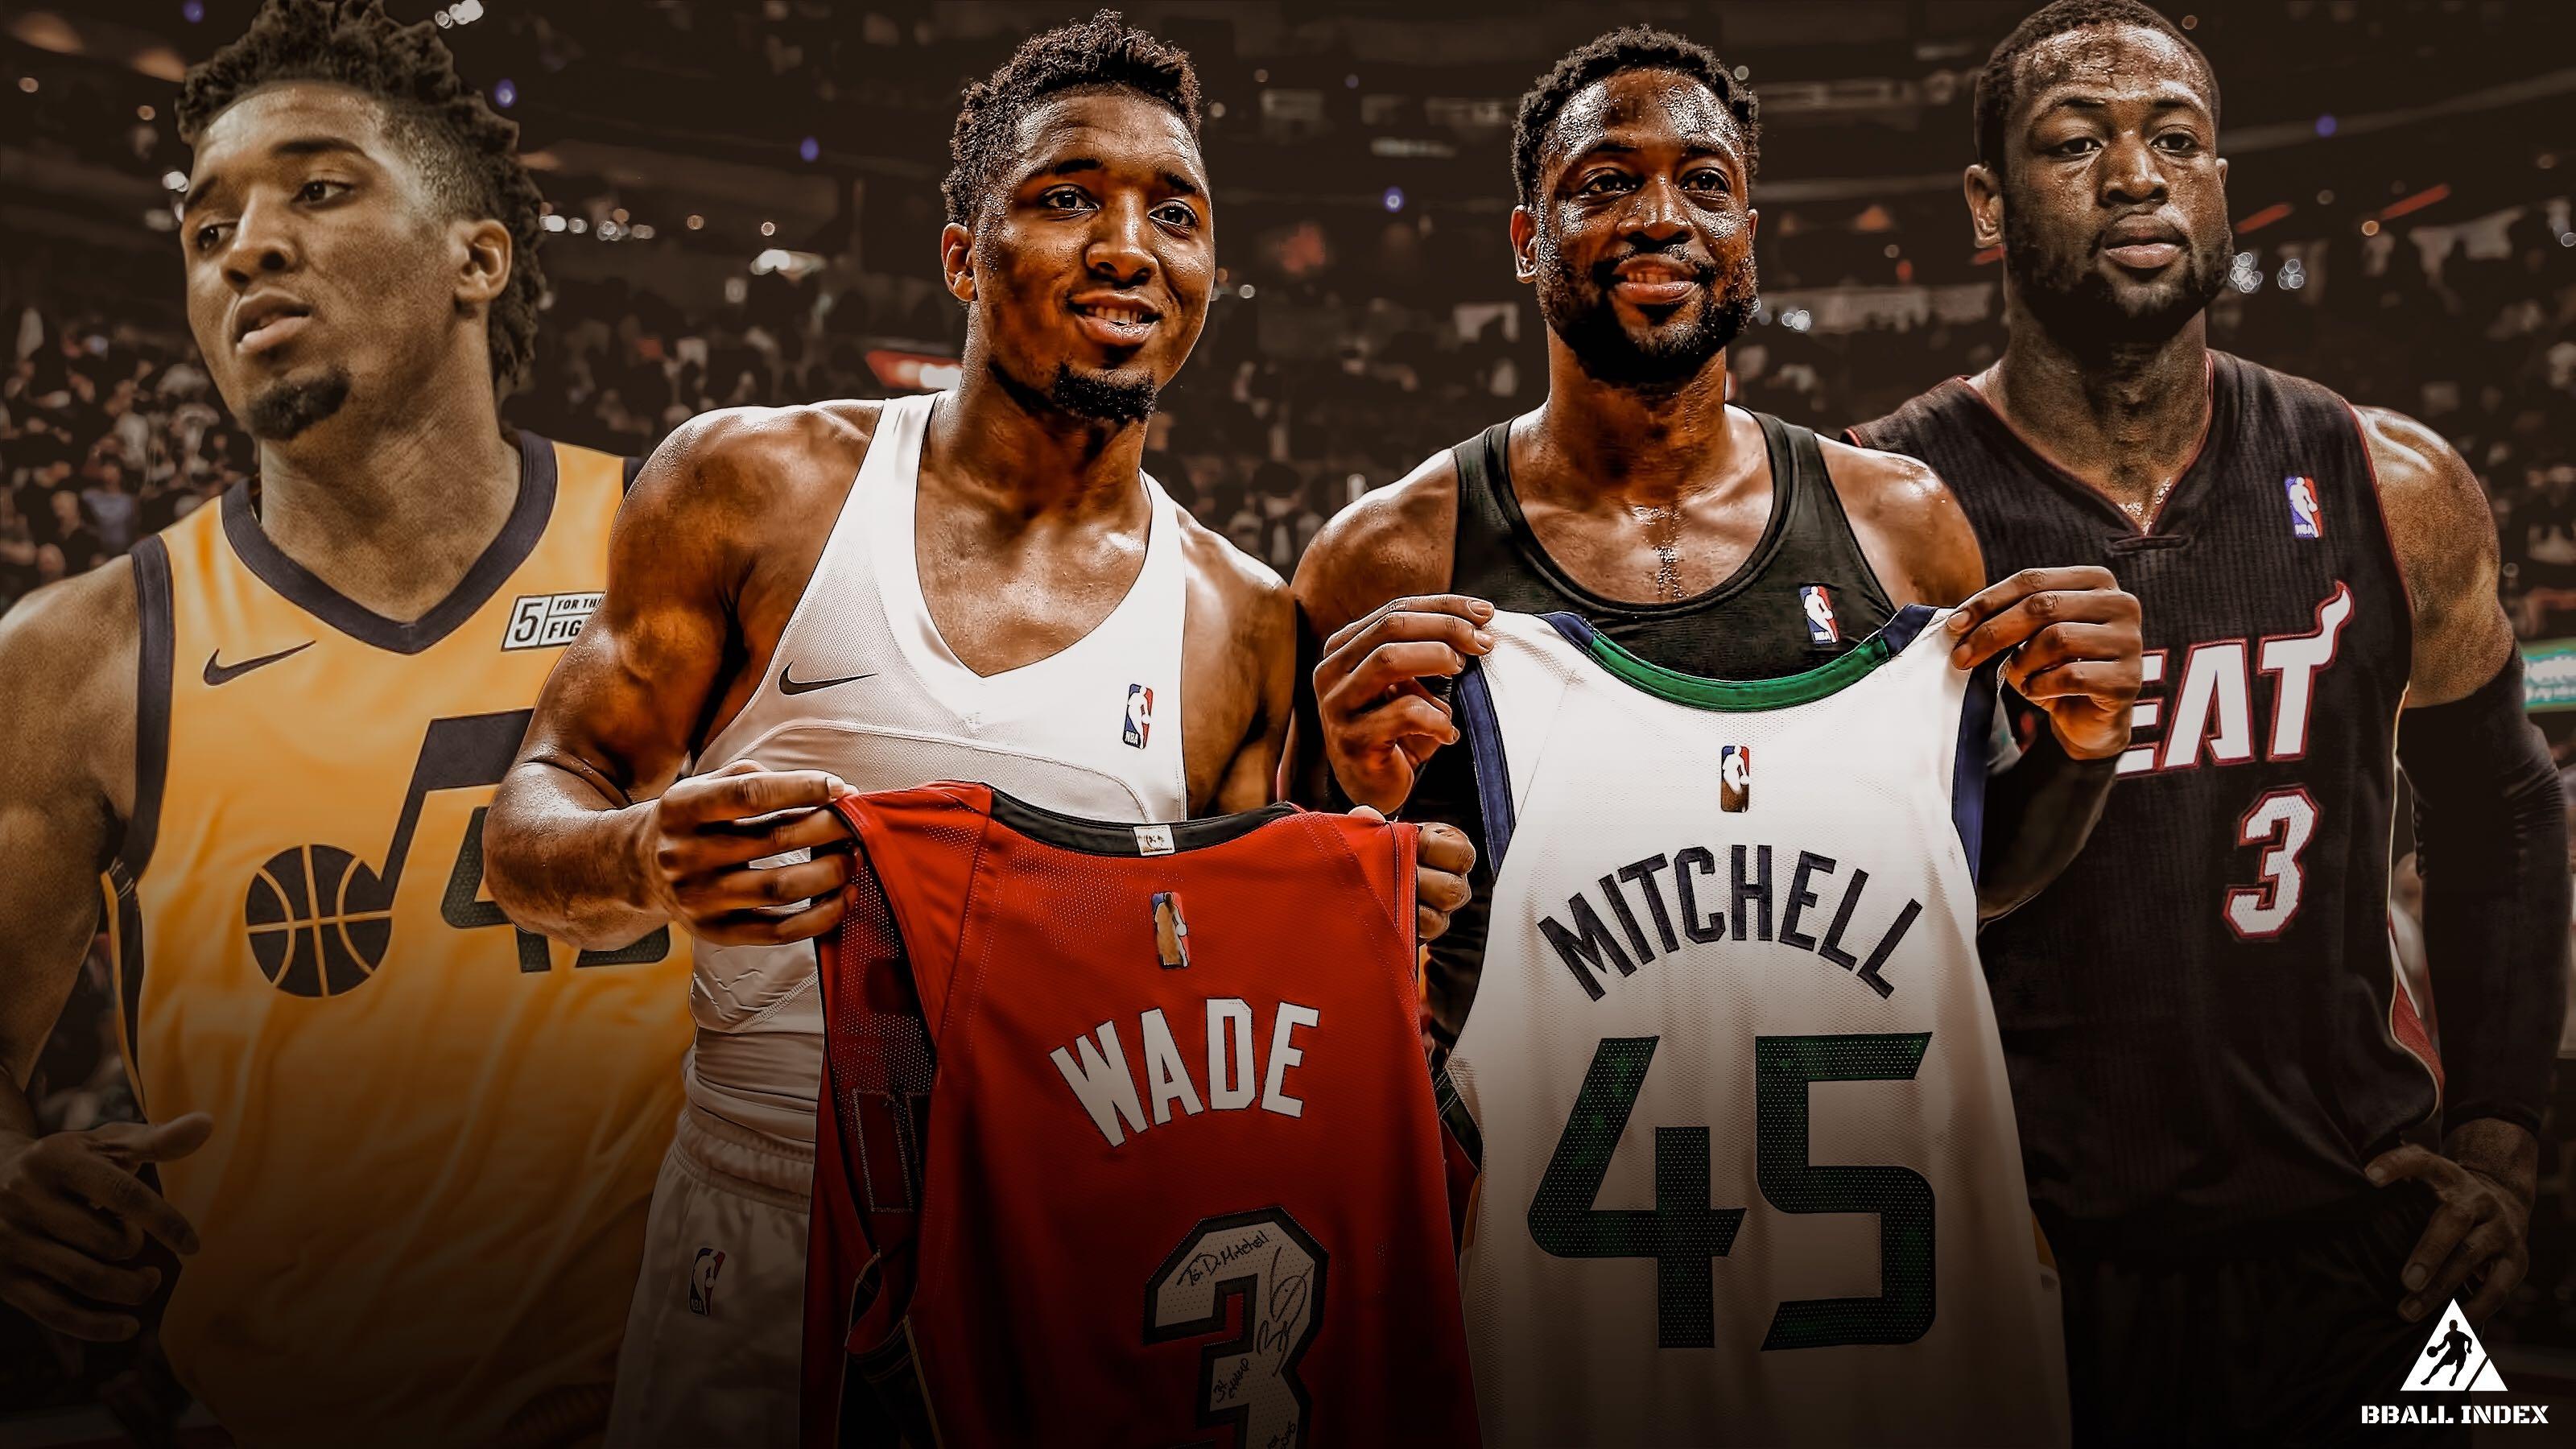 24歲的Mitchell季後賽場均36分,作為米球的模板,同時期的韋德是什麼表現?-黑特籃球-NBA新聞影音圖片分享社區